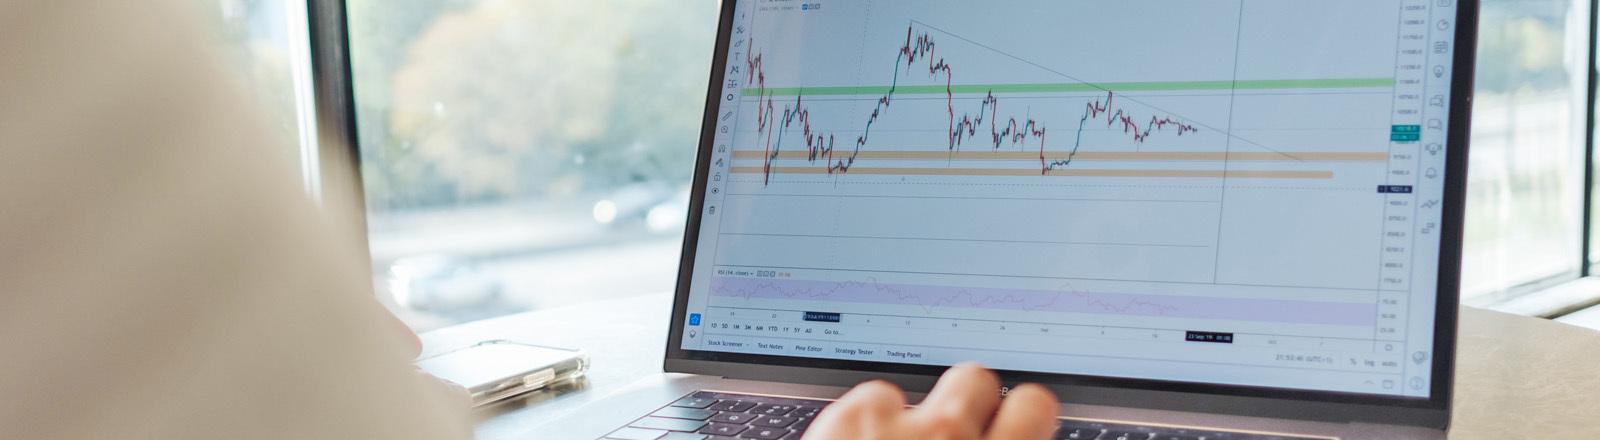 Ein Mann beobachtet an seinem Computer den Aktienkurs